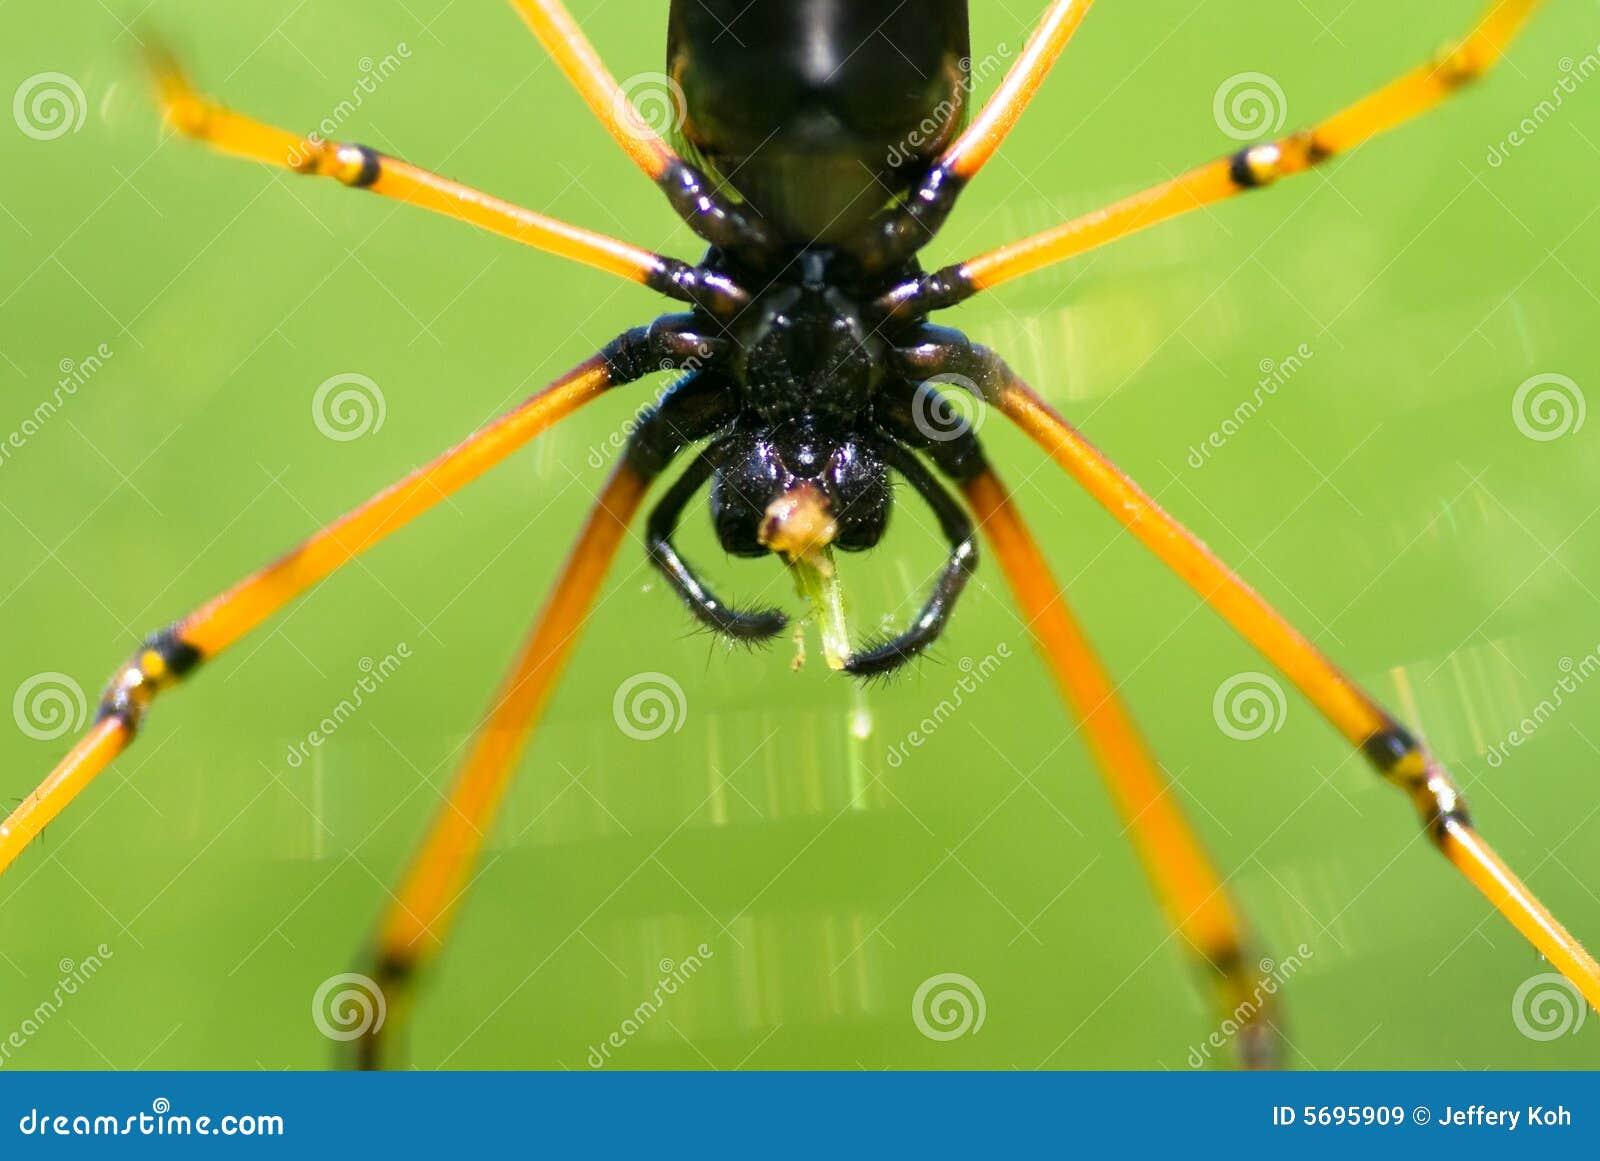 Grasshopper for lunch